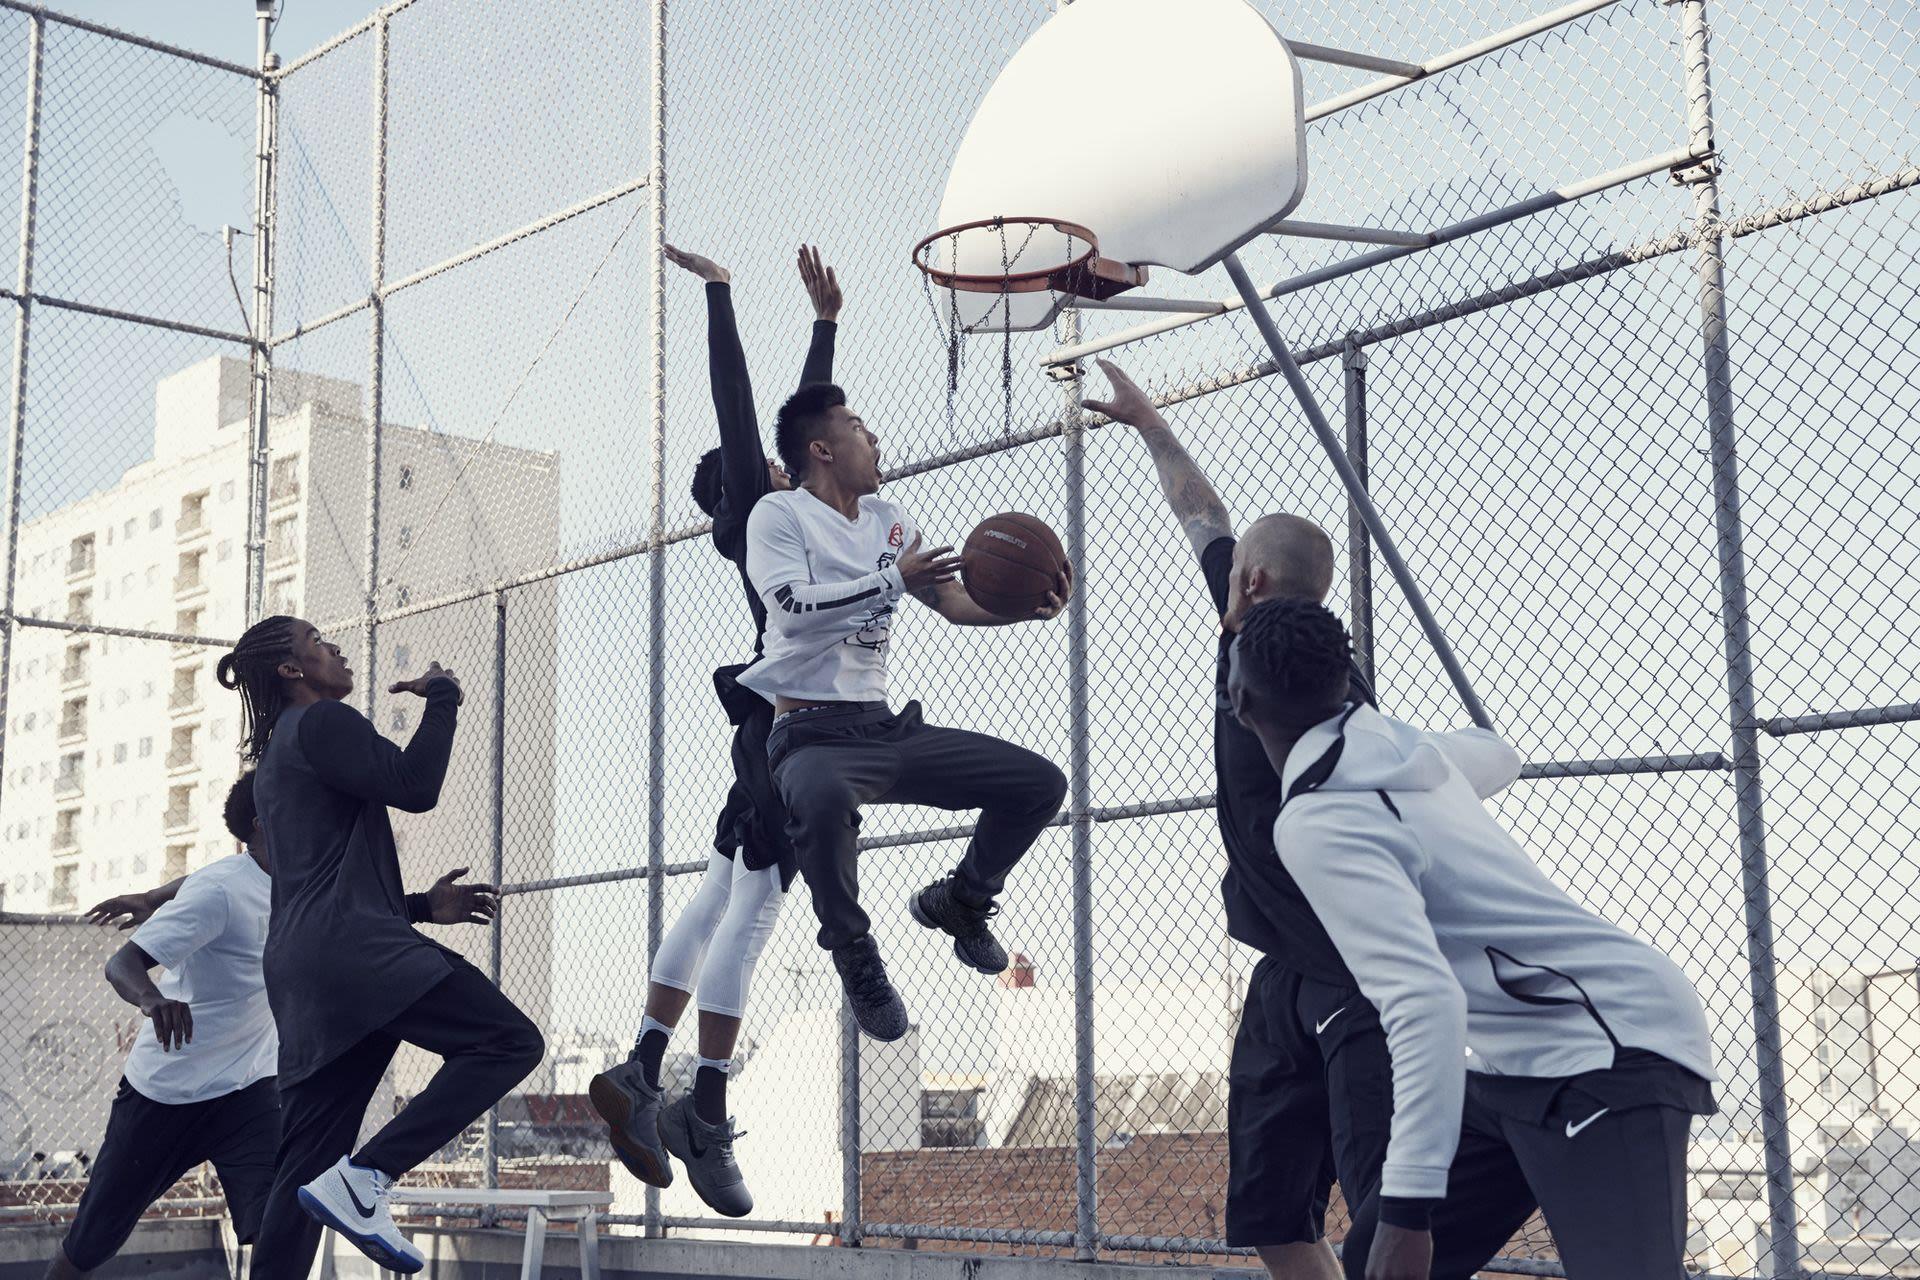 How Do I Become a Nike Retailer? | Nike Help